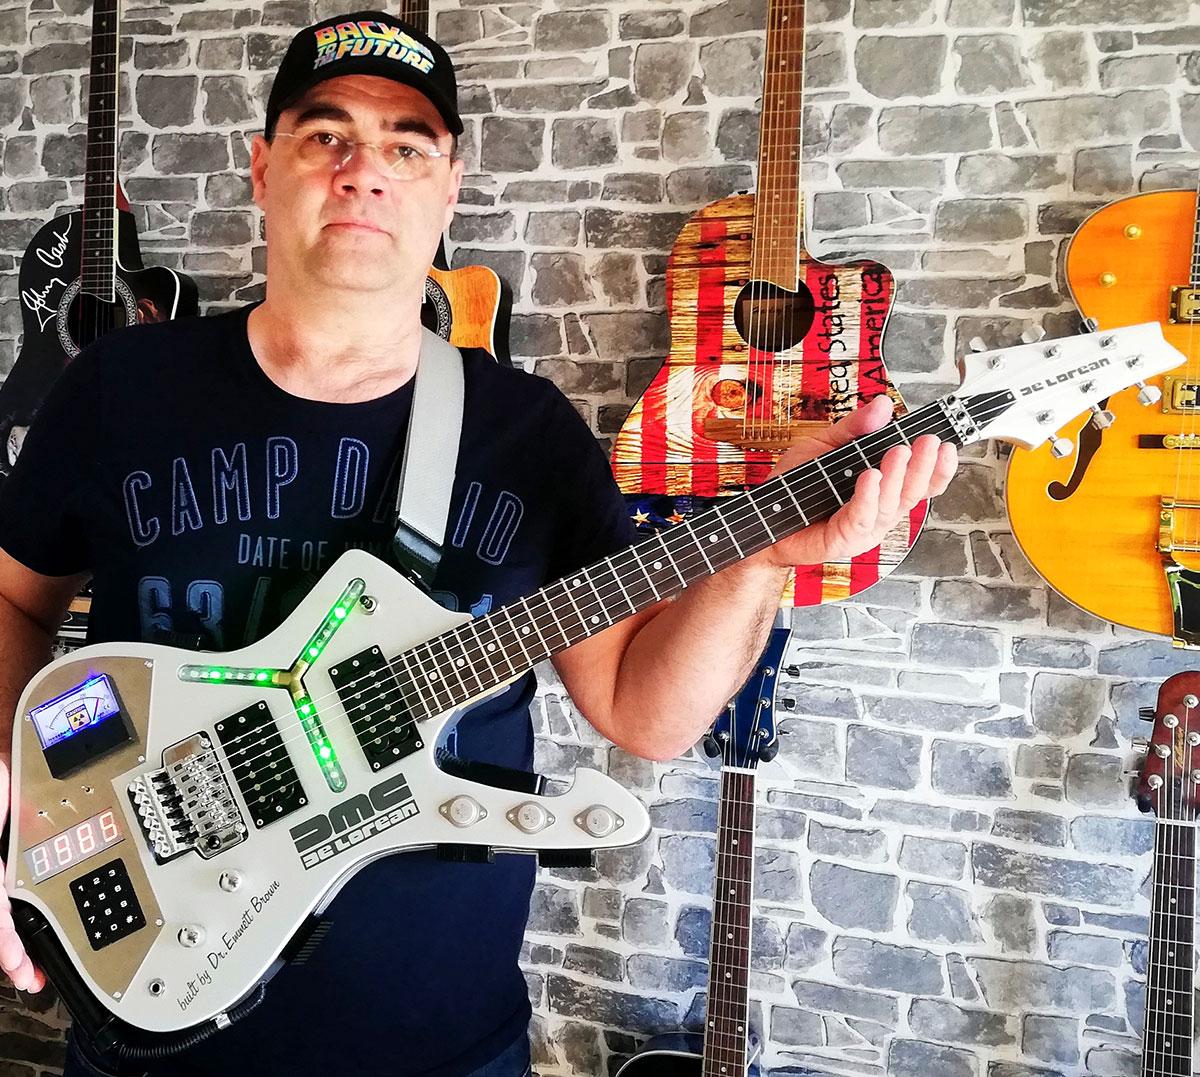 Thomas mit der von ihm umgebauten Gitarre im Back-to-the-Future-Design. Im Hintergrund sieht man weitere außergewöhnliche Gitarren an der Wand hängen.